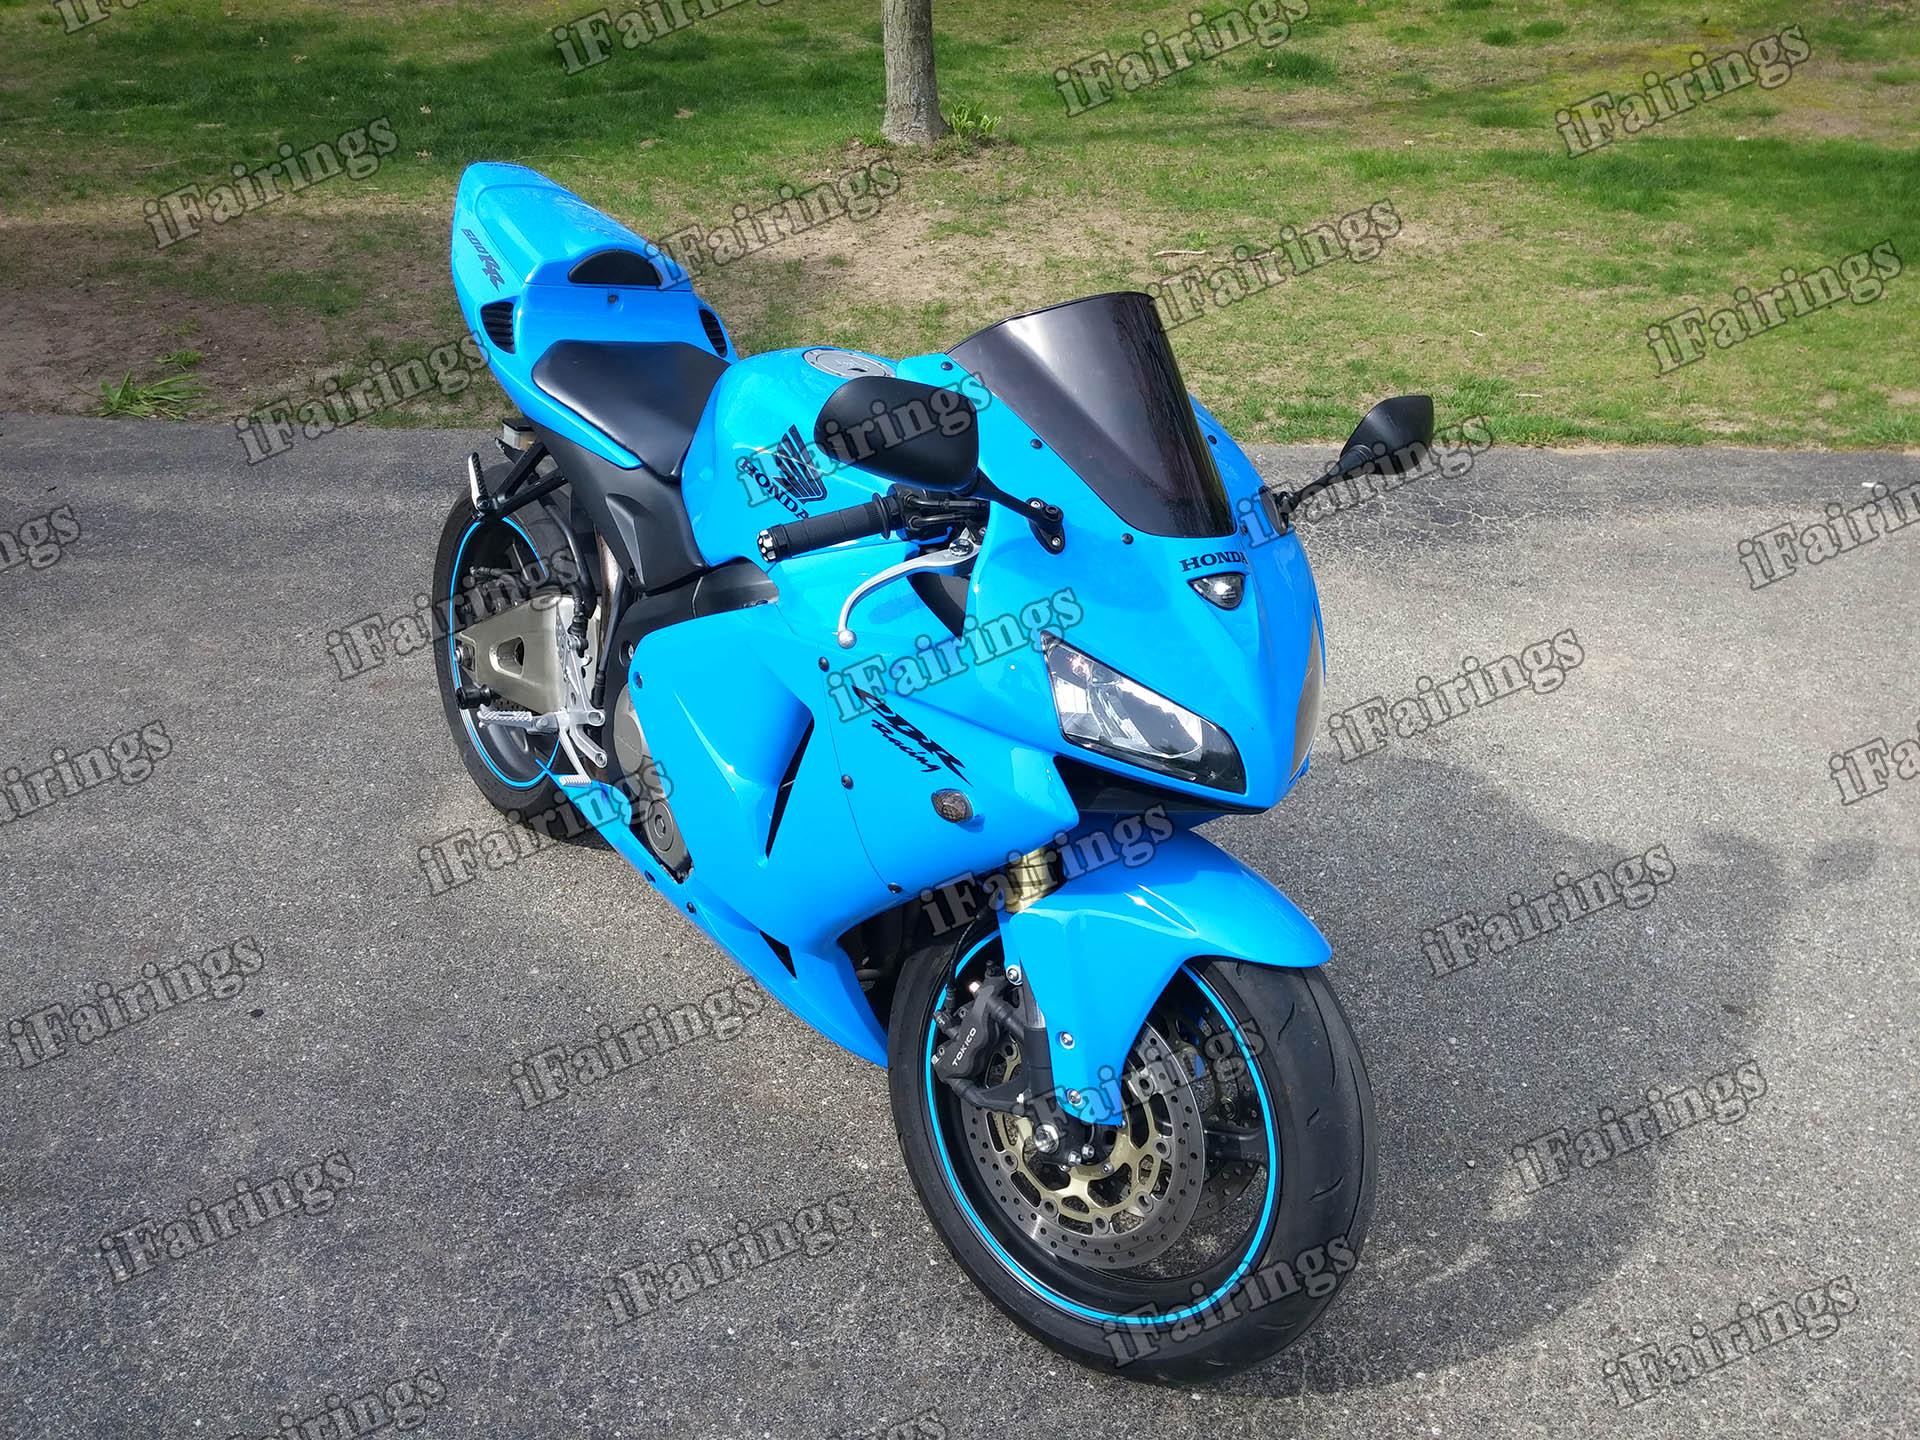 2018 honda cbr600rr blue